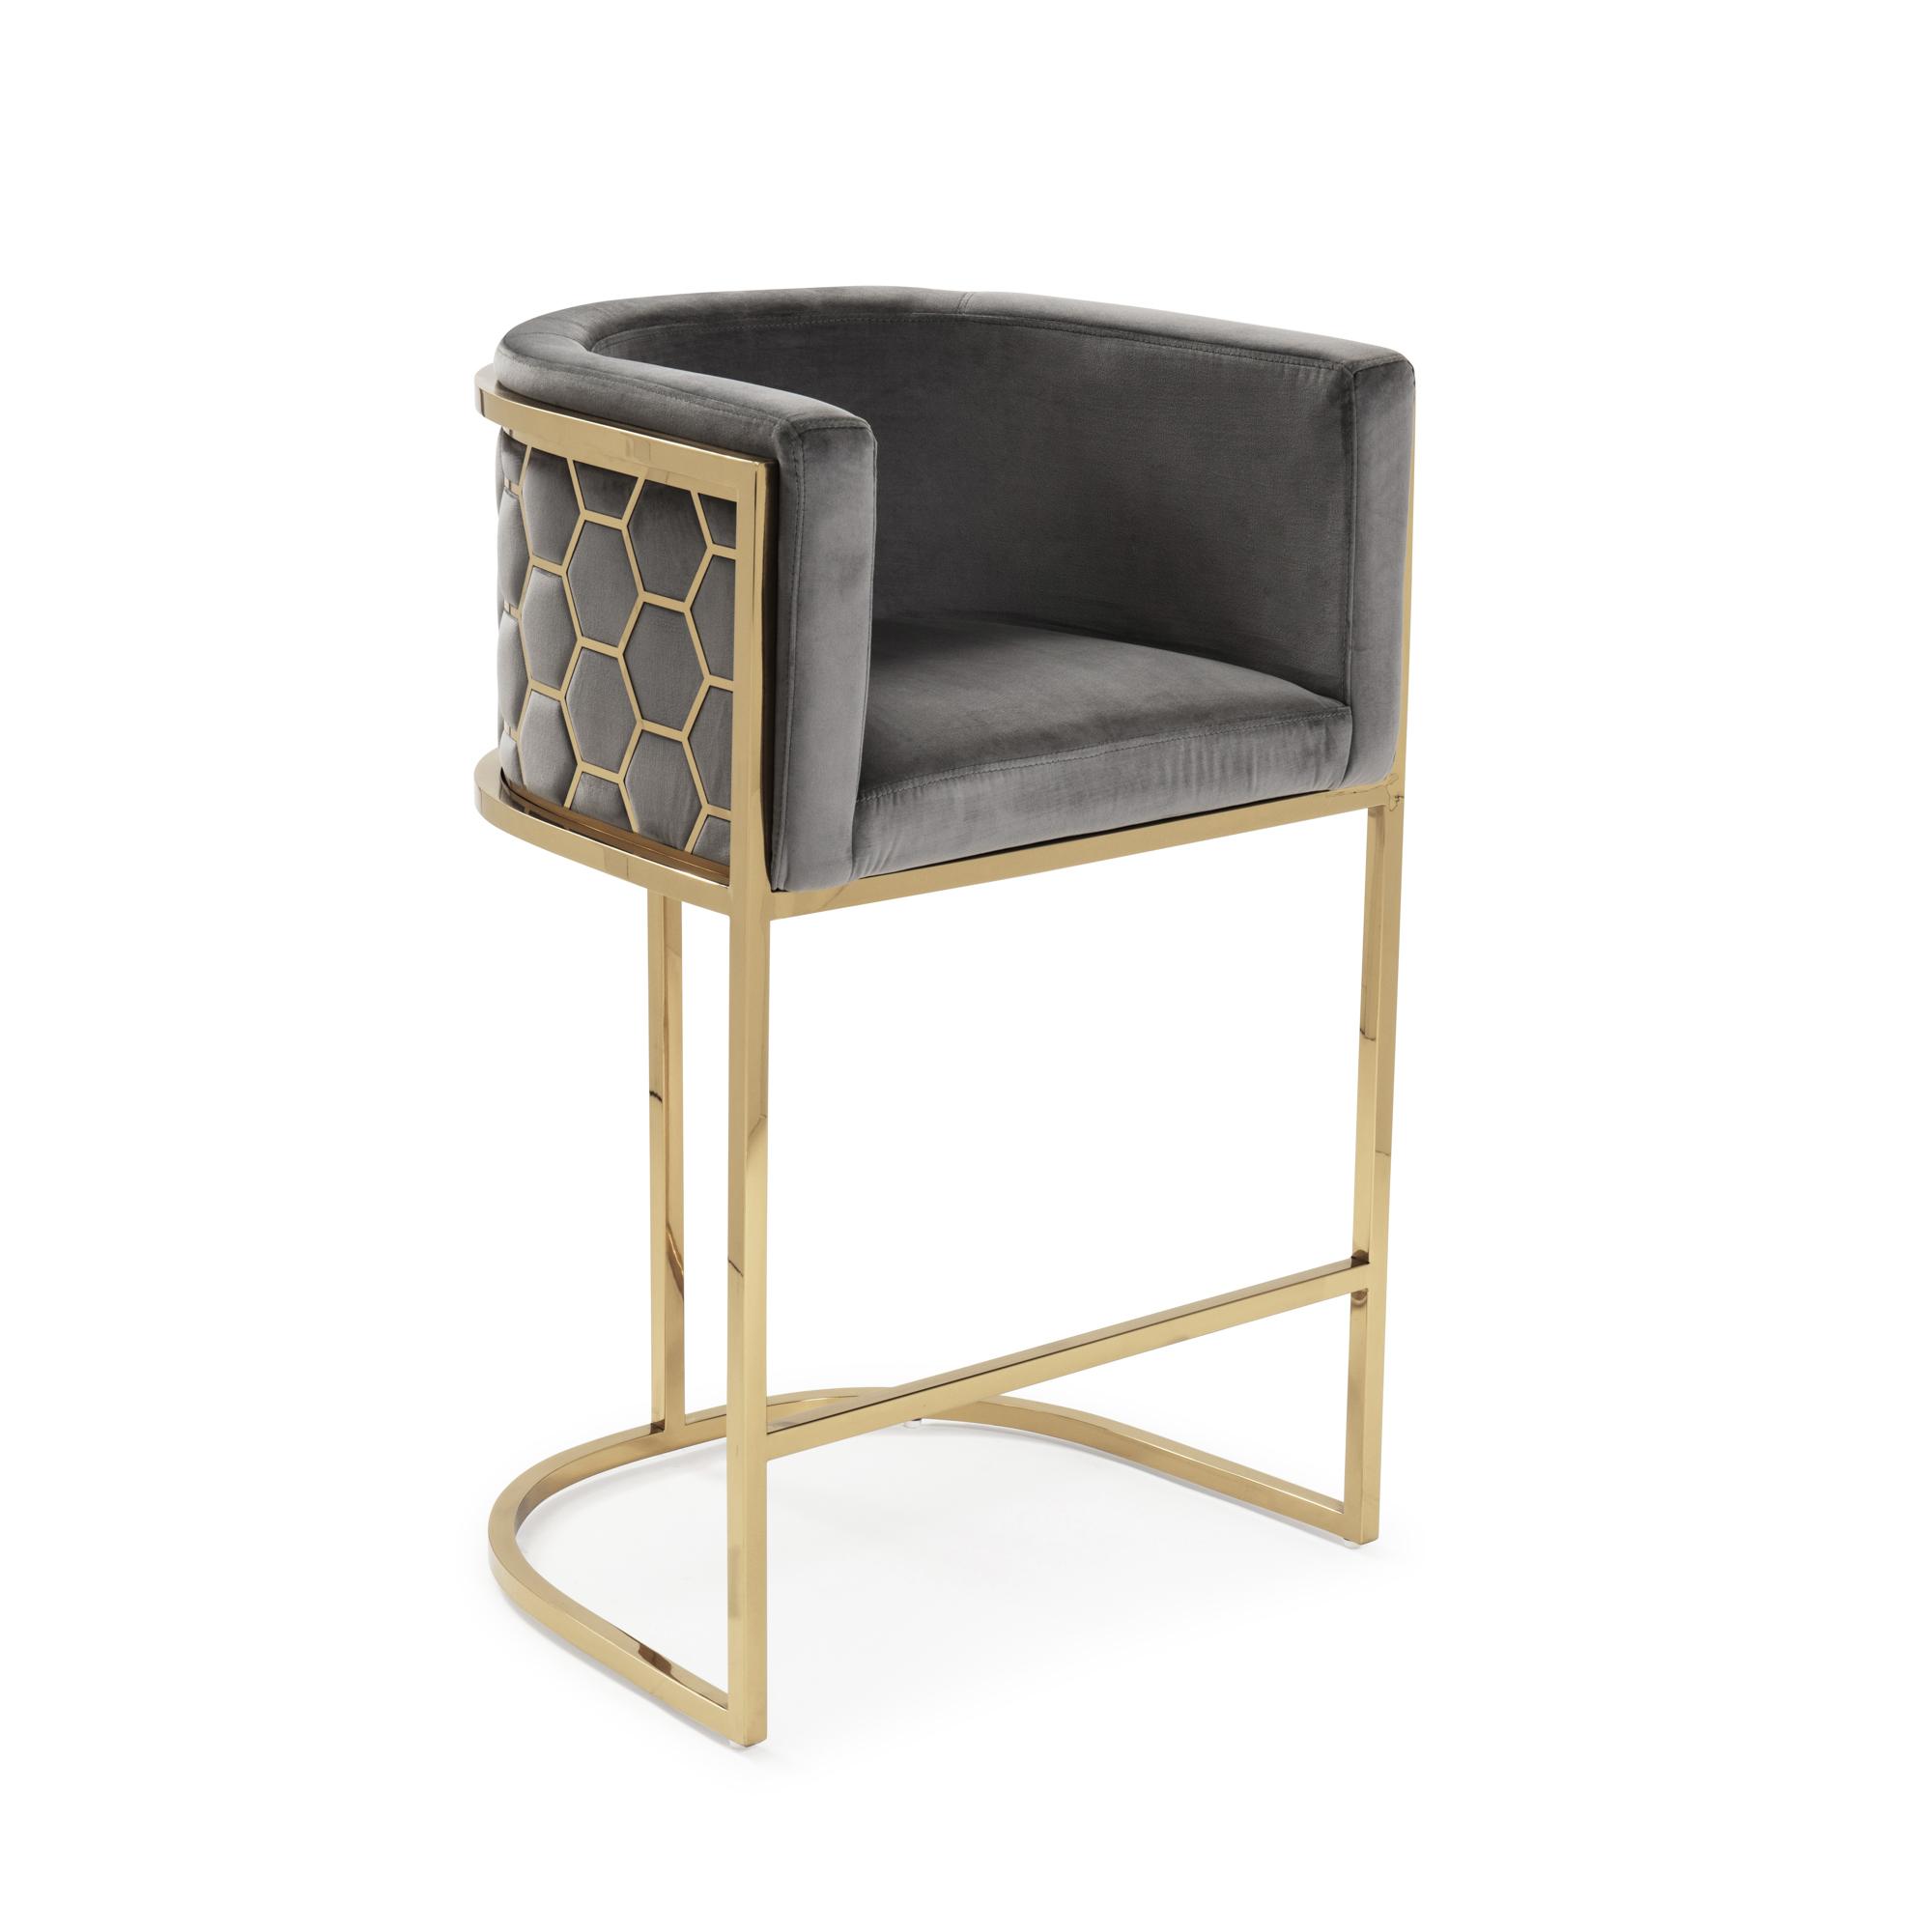 Barcelona Grey Brushed Velvet Bar Stool with a Gold Steel Frame